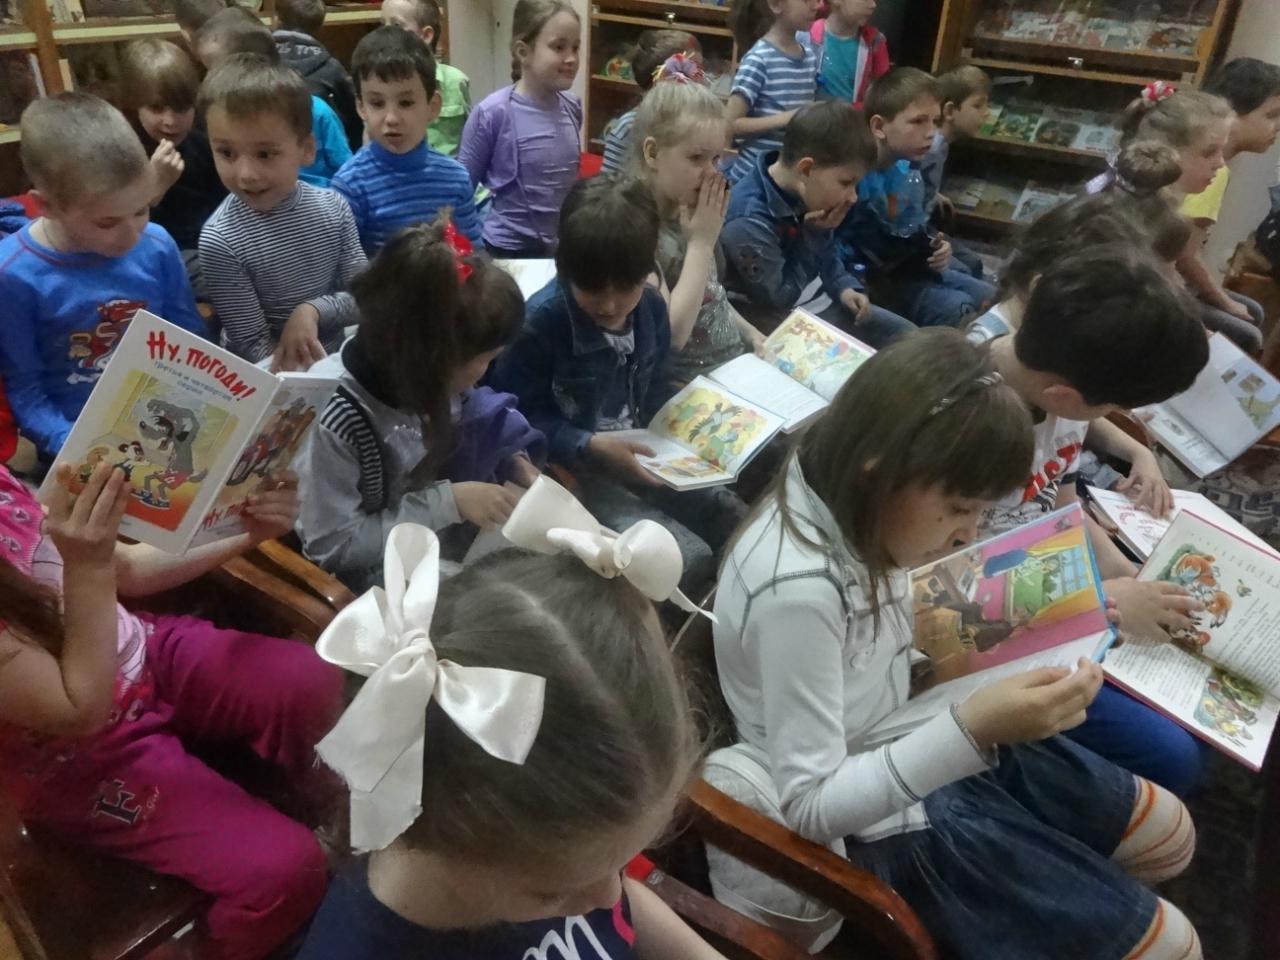 республиканский день библиотек,донецкая республиканская библиотека для детей,пропаганда чтения